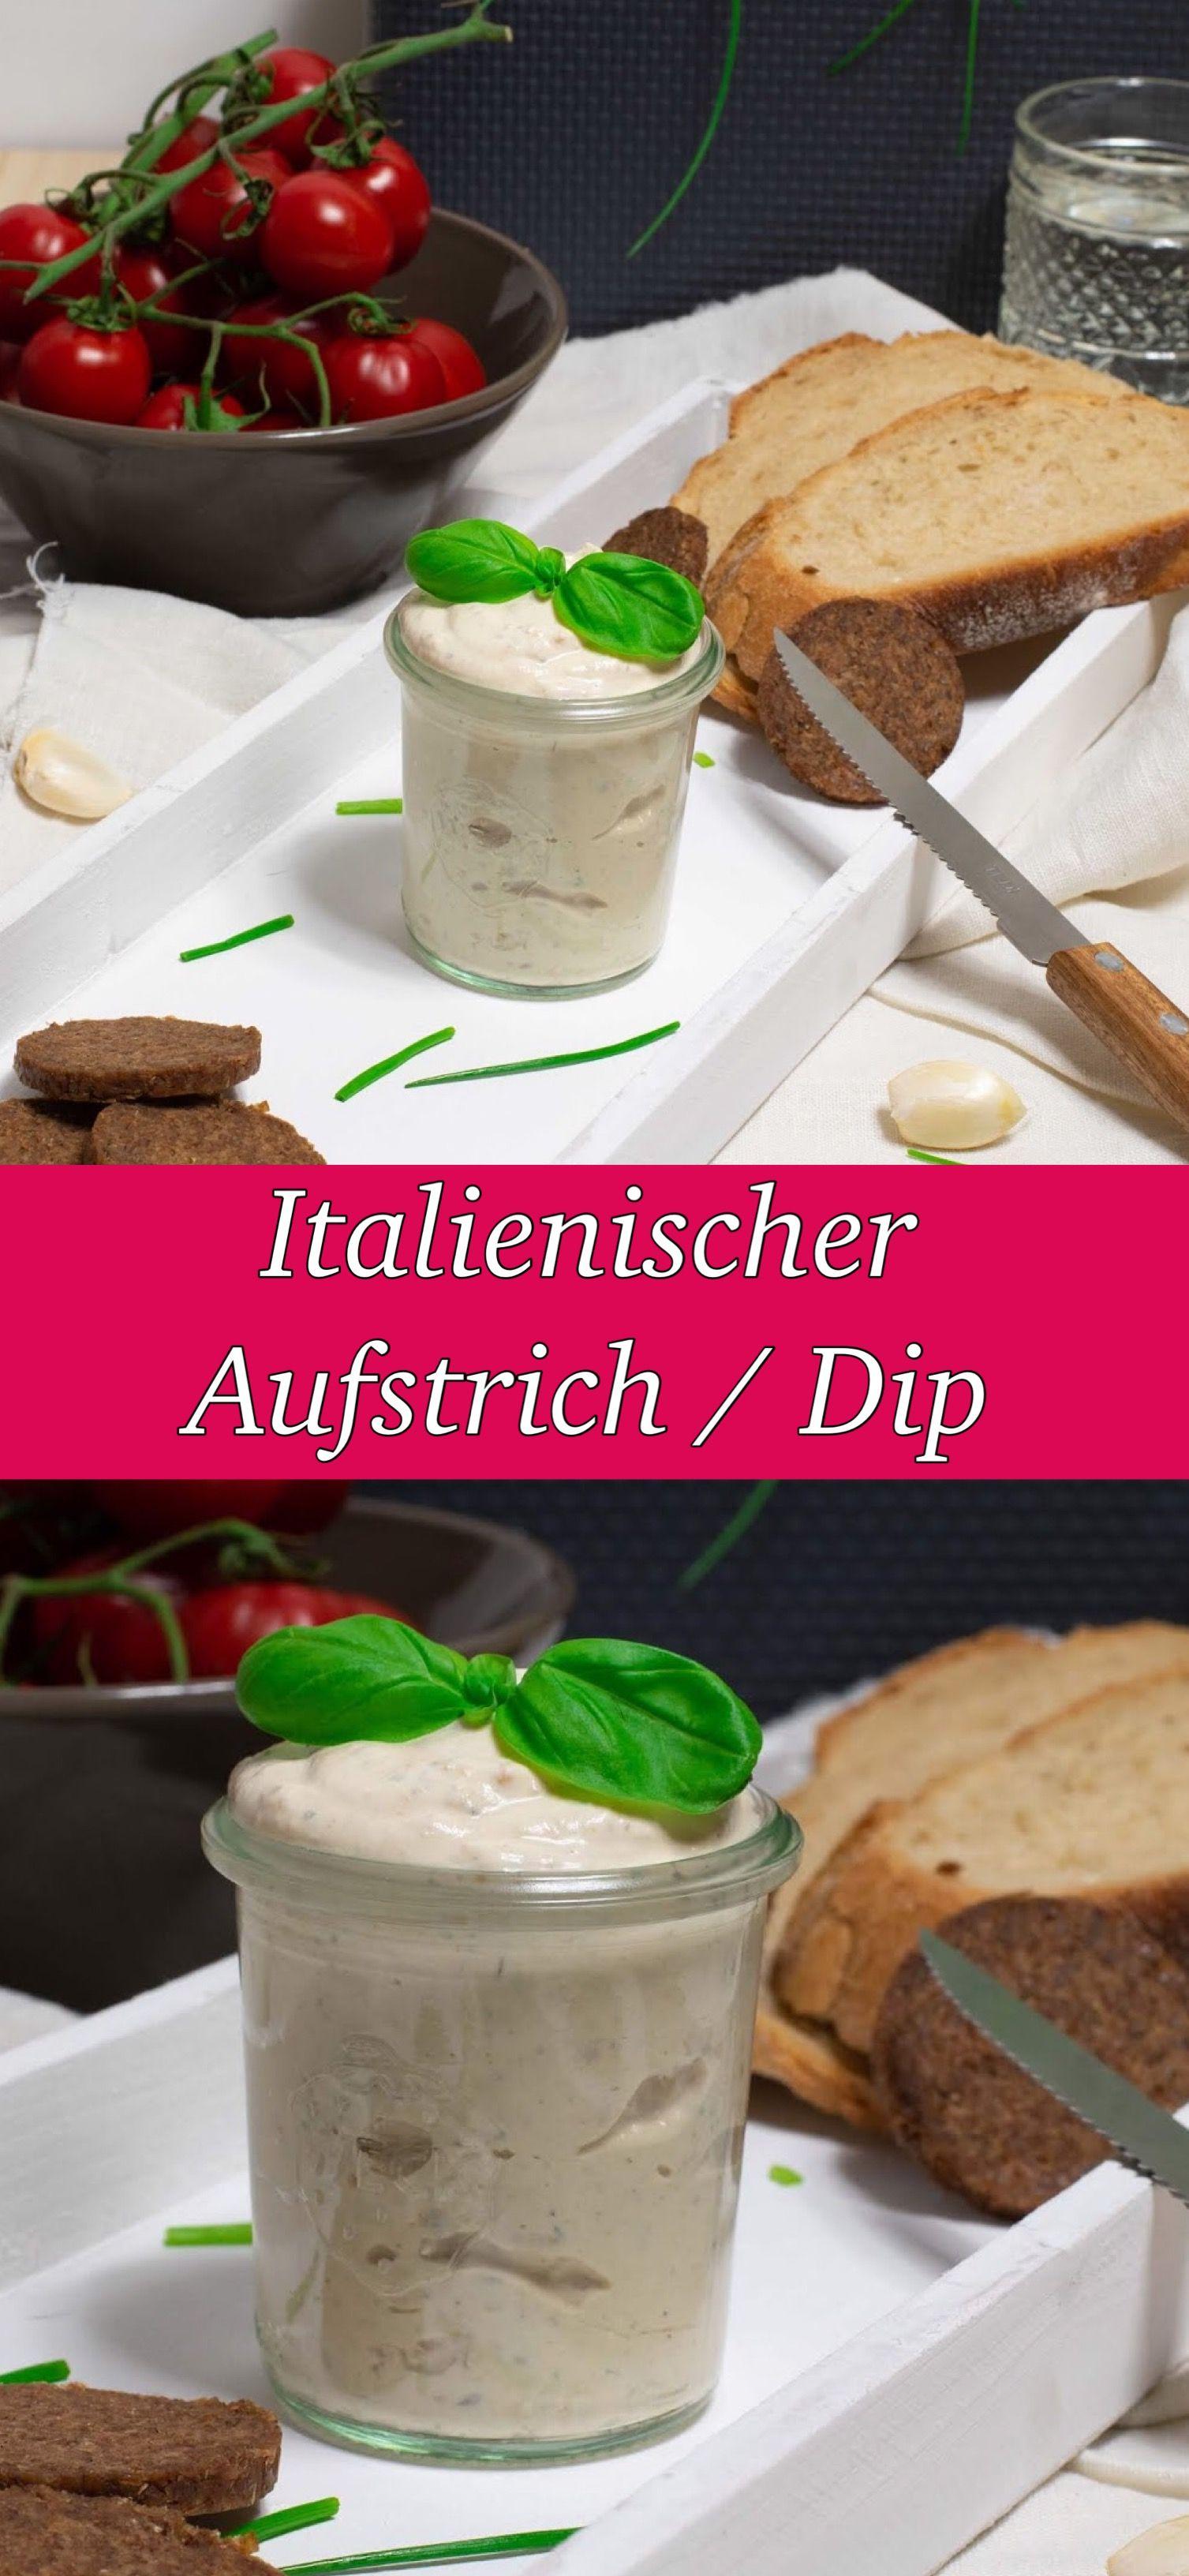 Italienischer Aufstrich / Dip